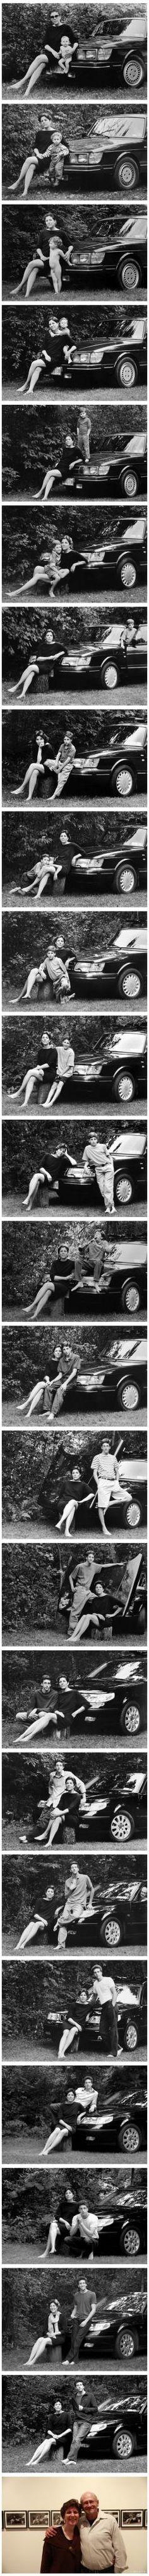 24년간 자동차 앞에서 사진을 찍은 엄마와 아들 http://i.wik.im/126594